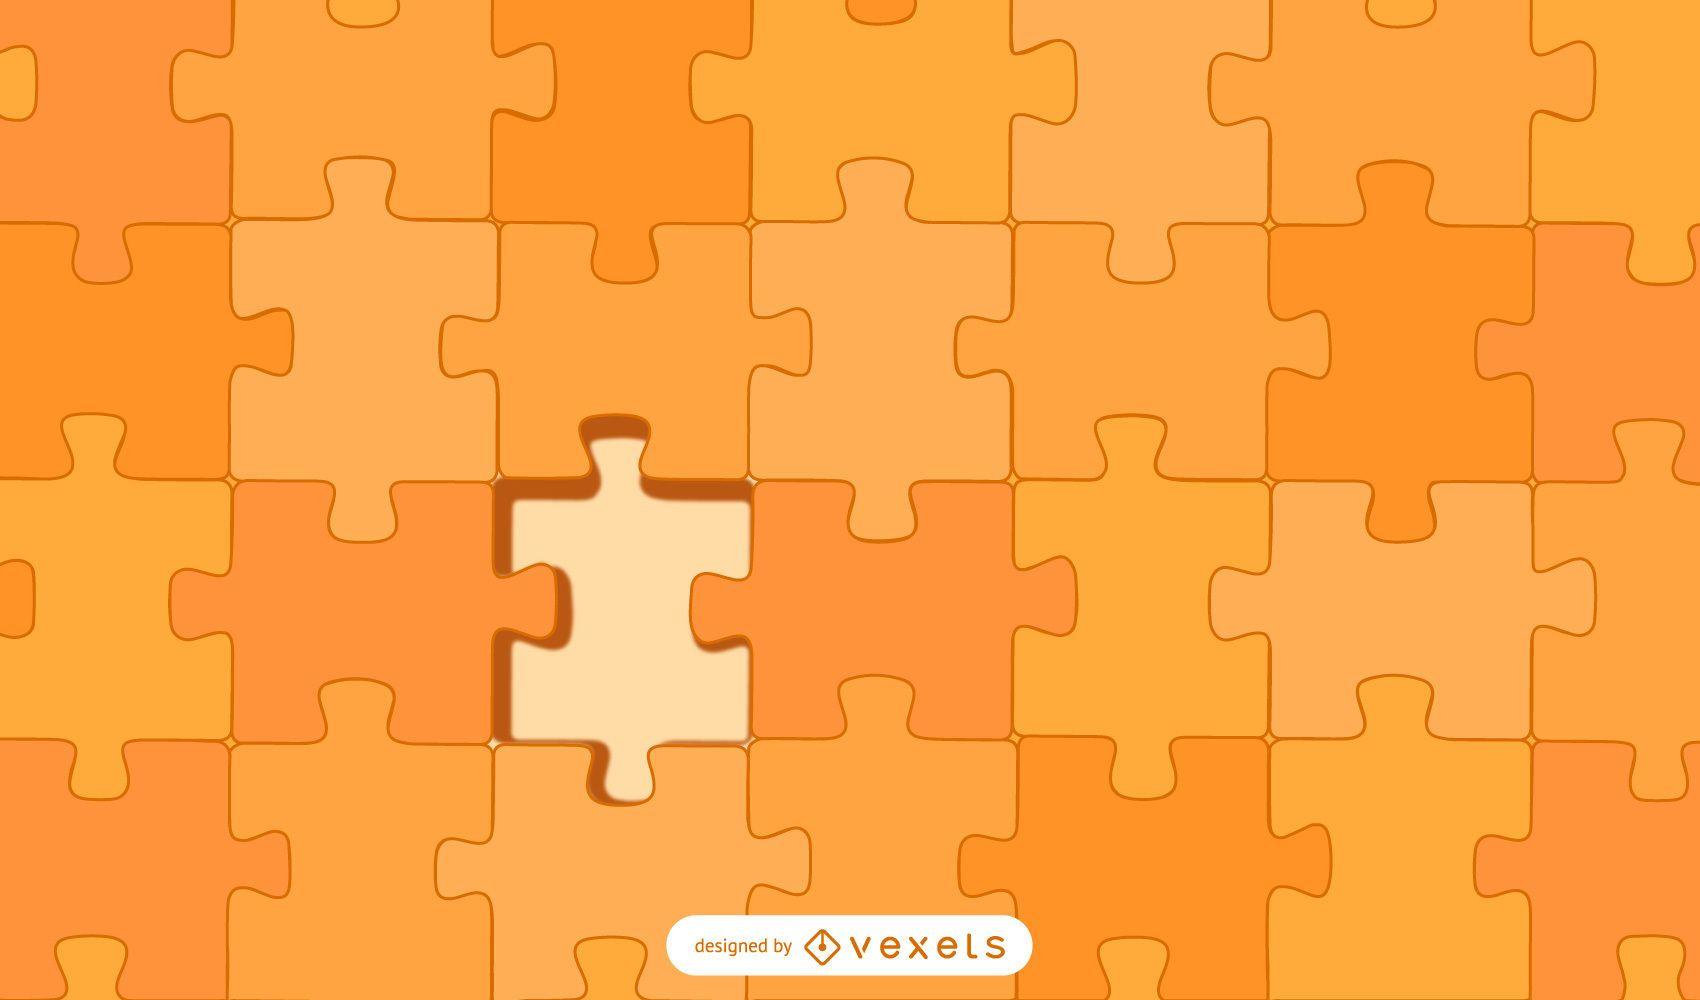 fundo laranja de design de quebra-cabe?a